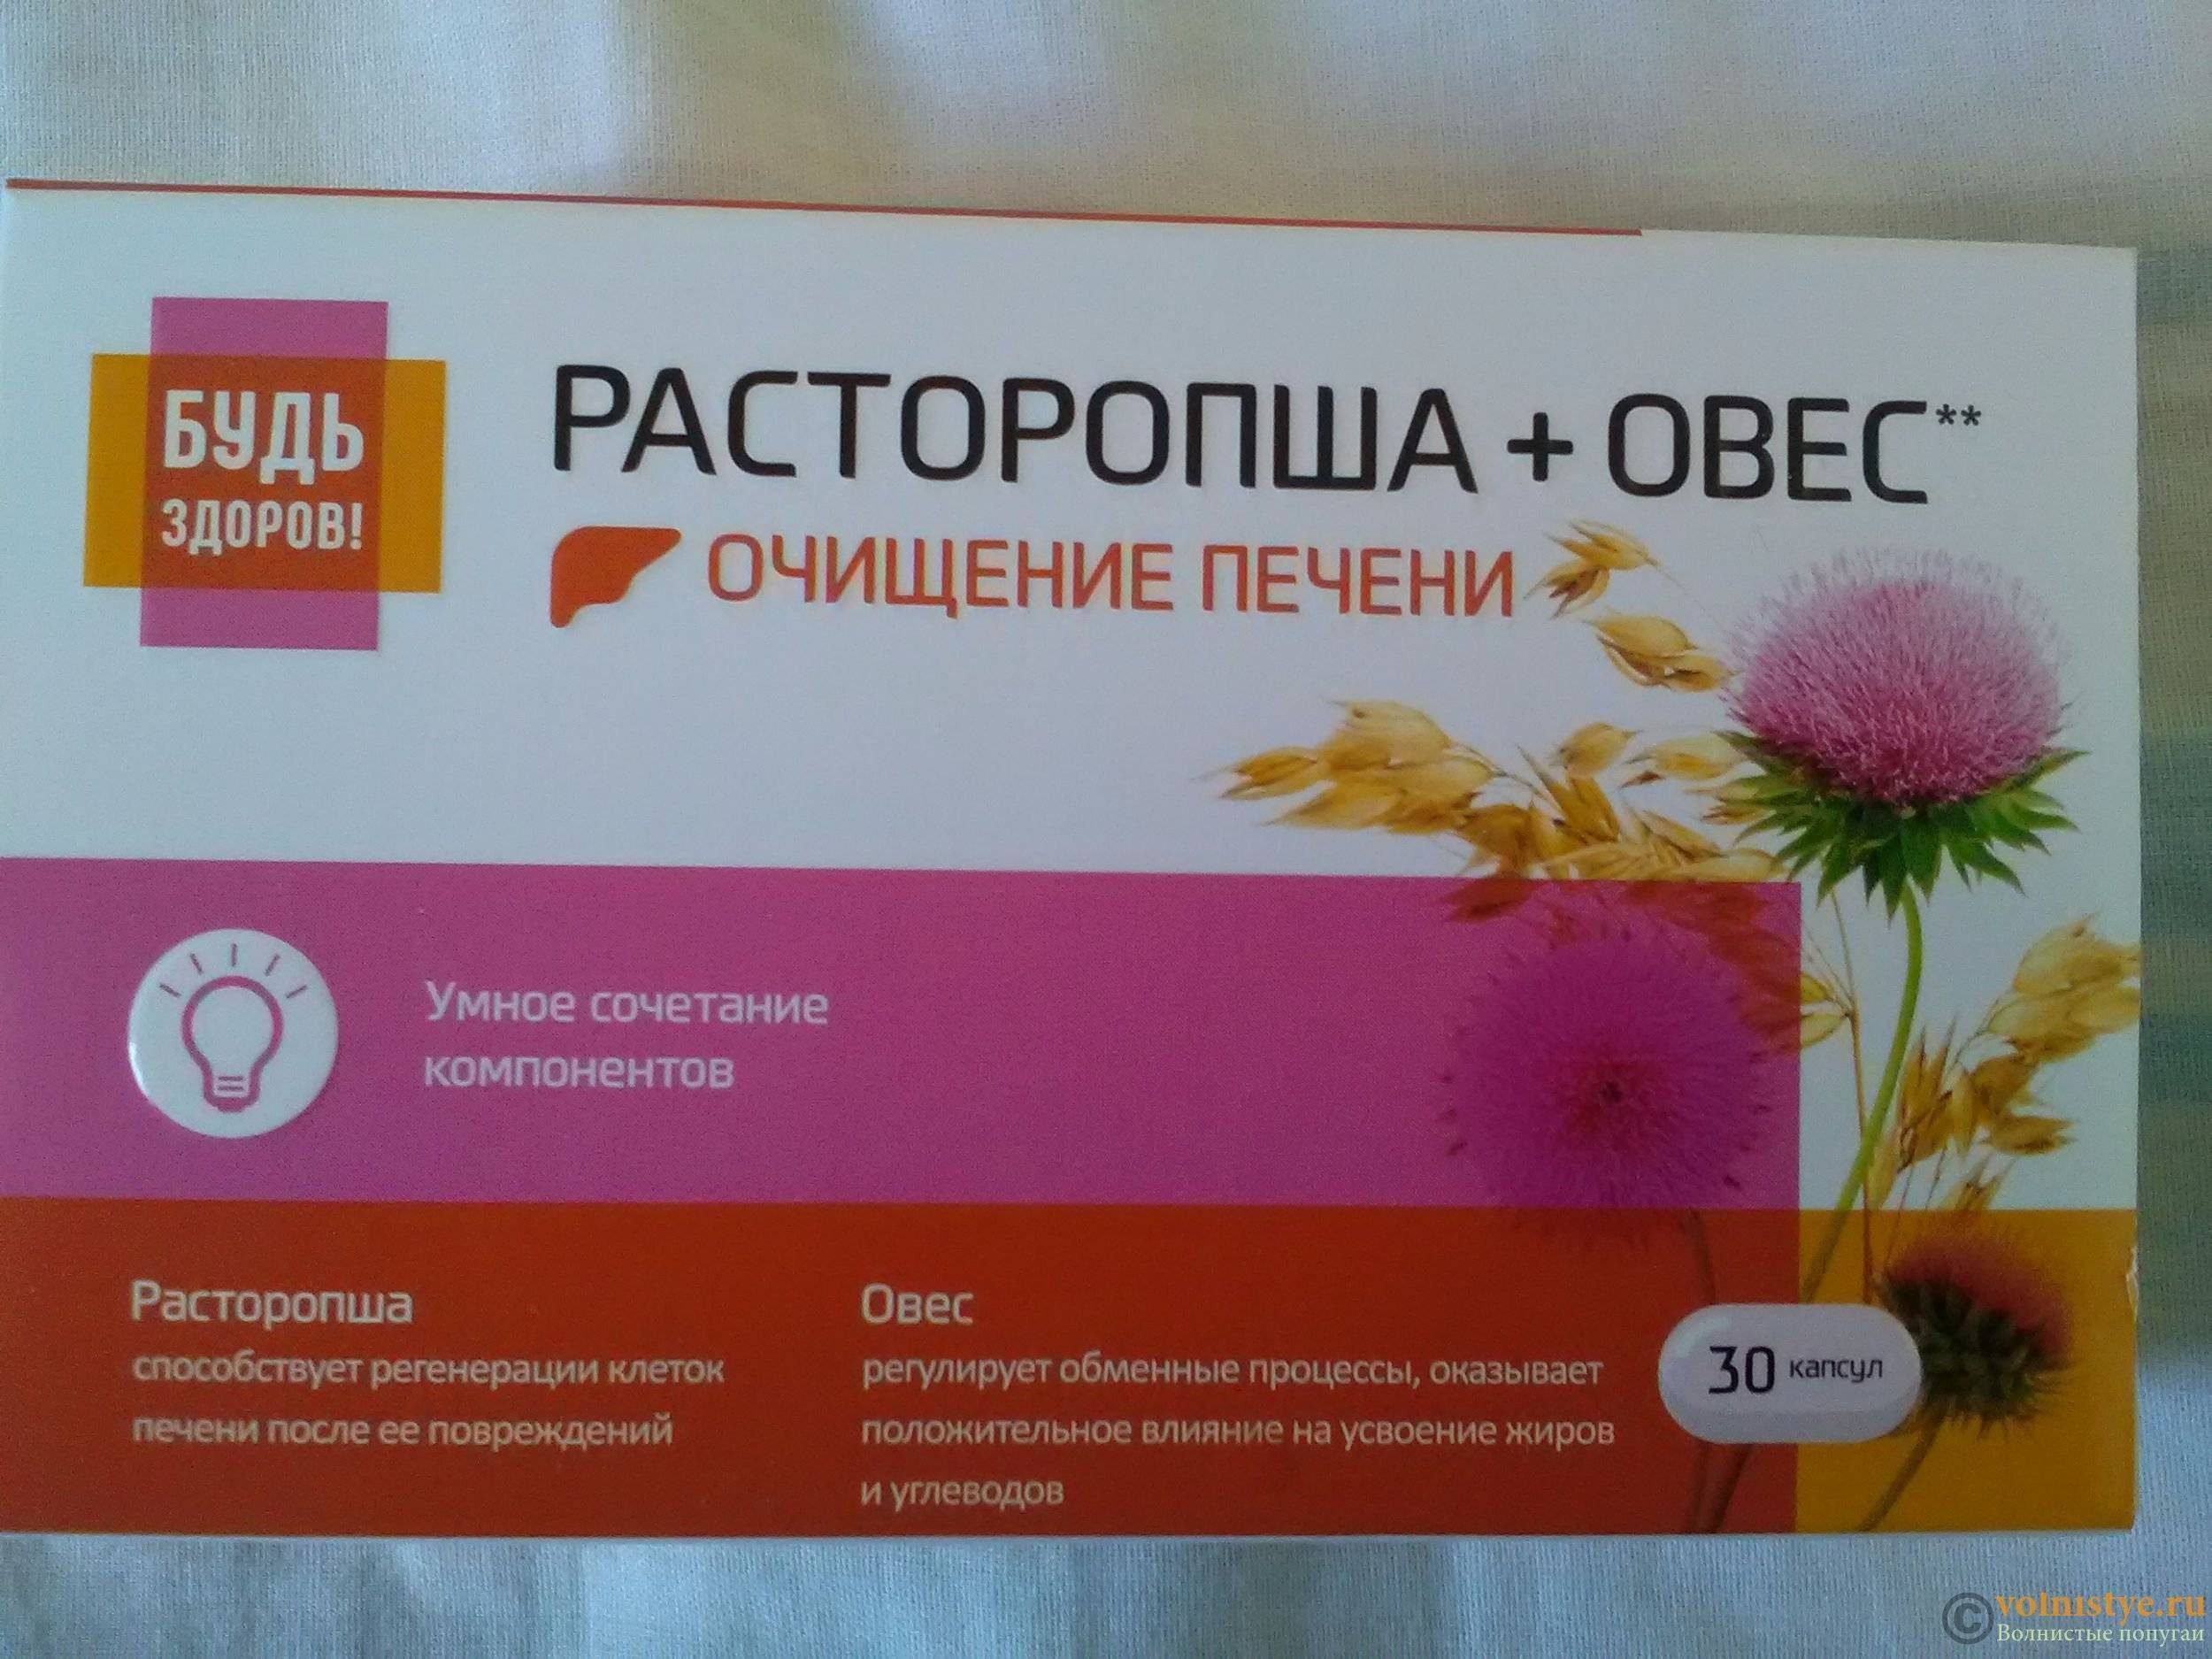 Польза расторопши для печени. лечение печени расторопшей — таблетки, шрот, порошок, масло, семена. как правильно принимать расторопшу для печени